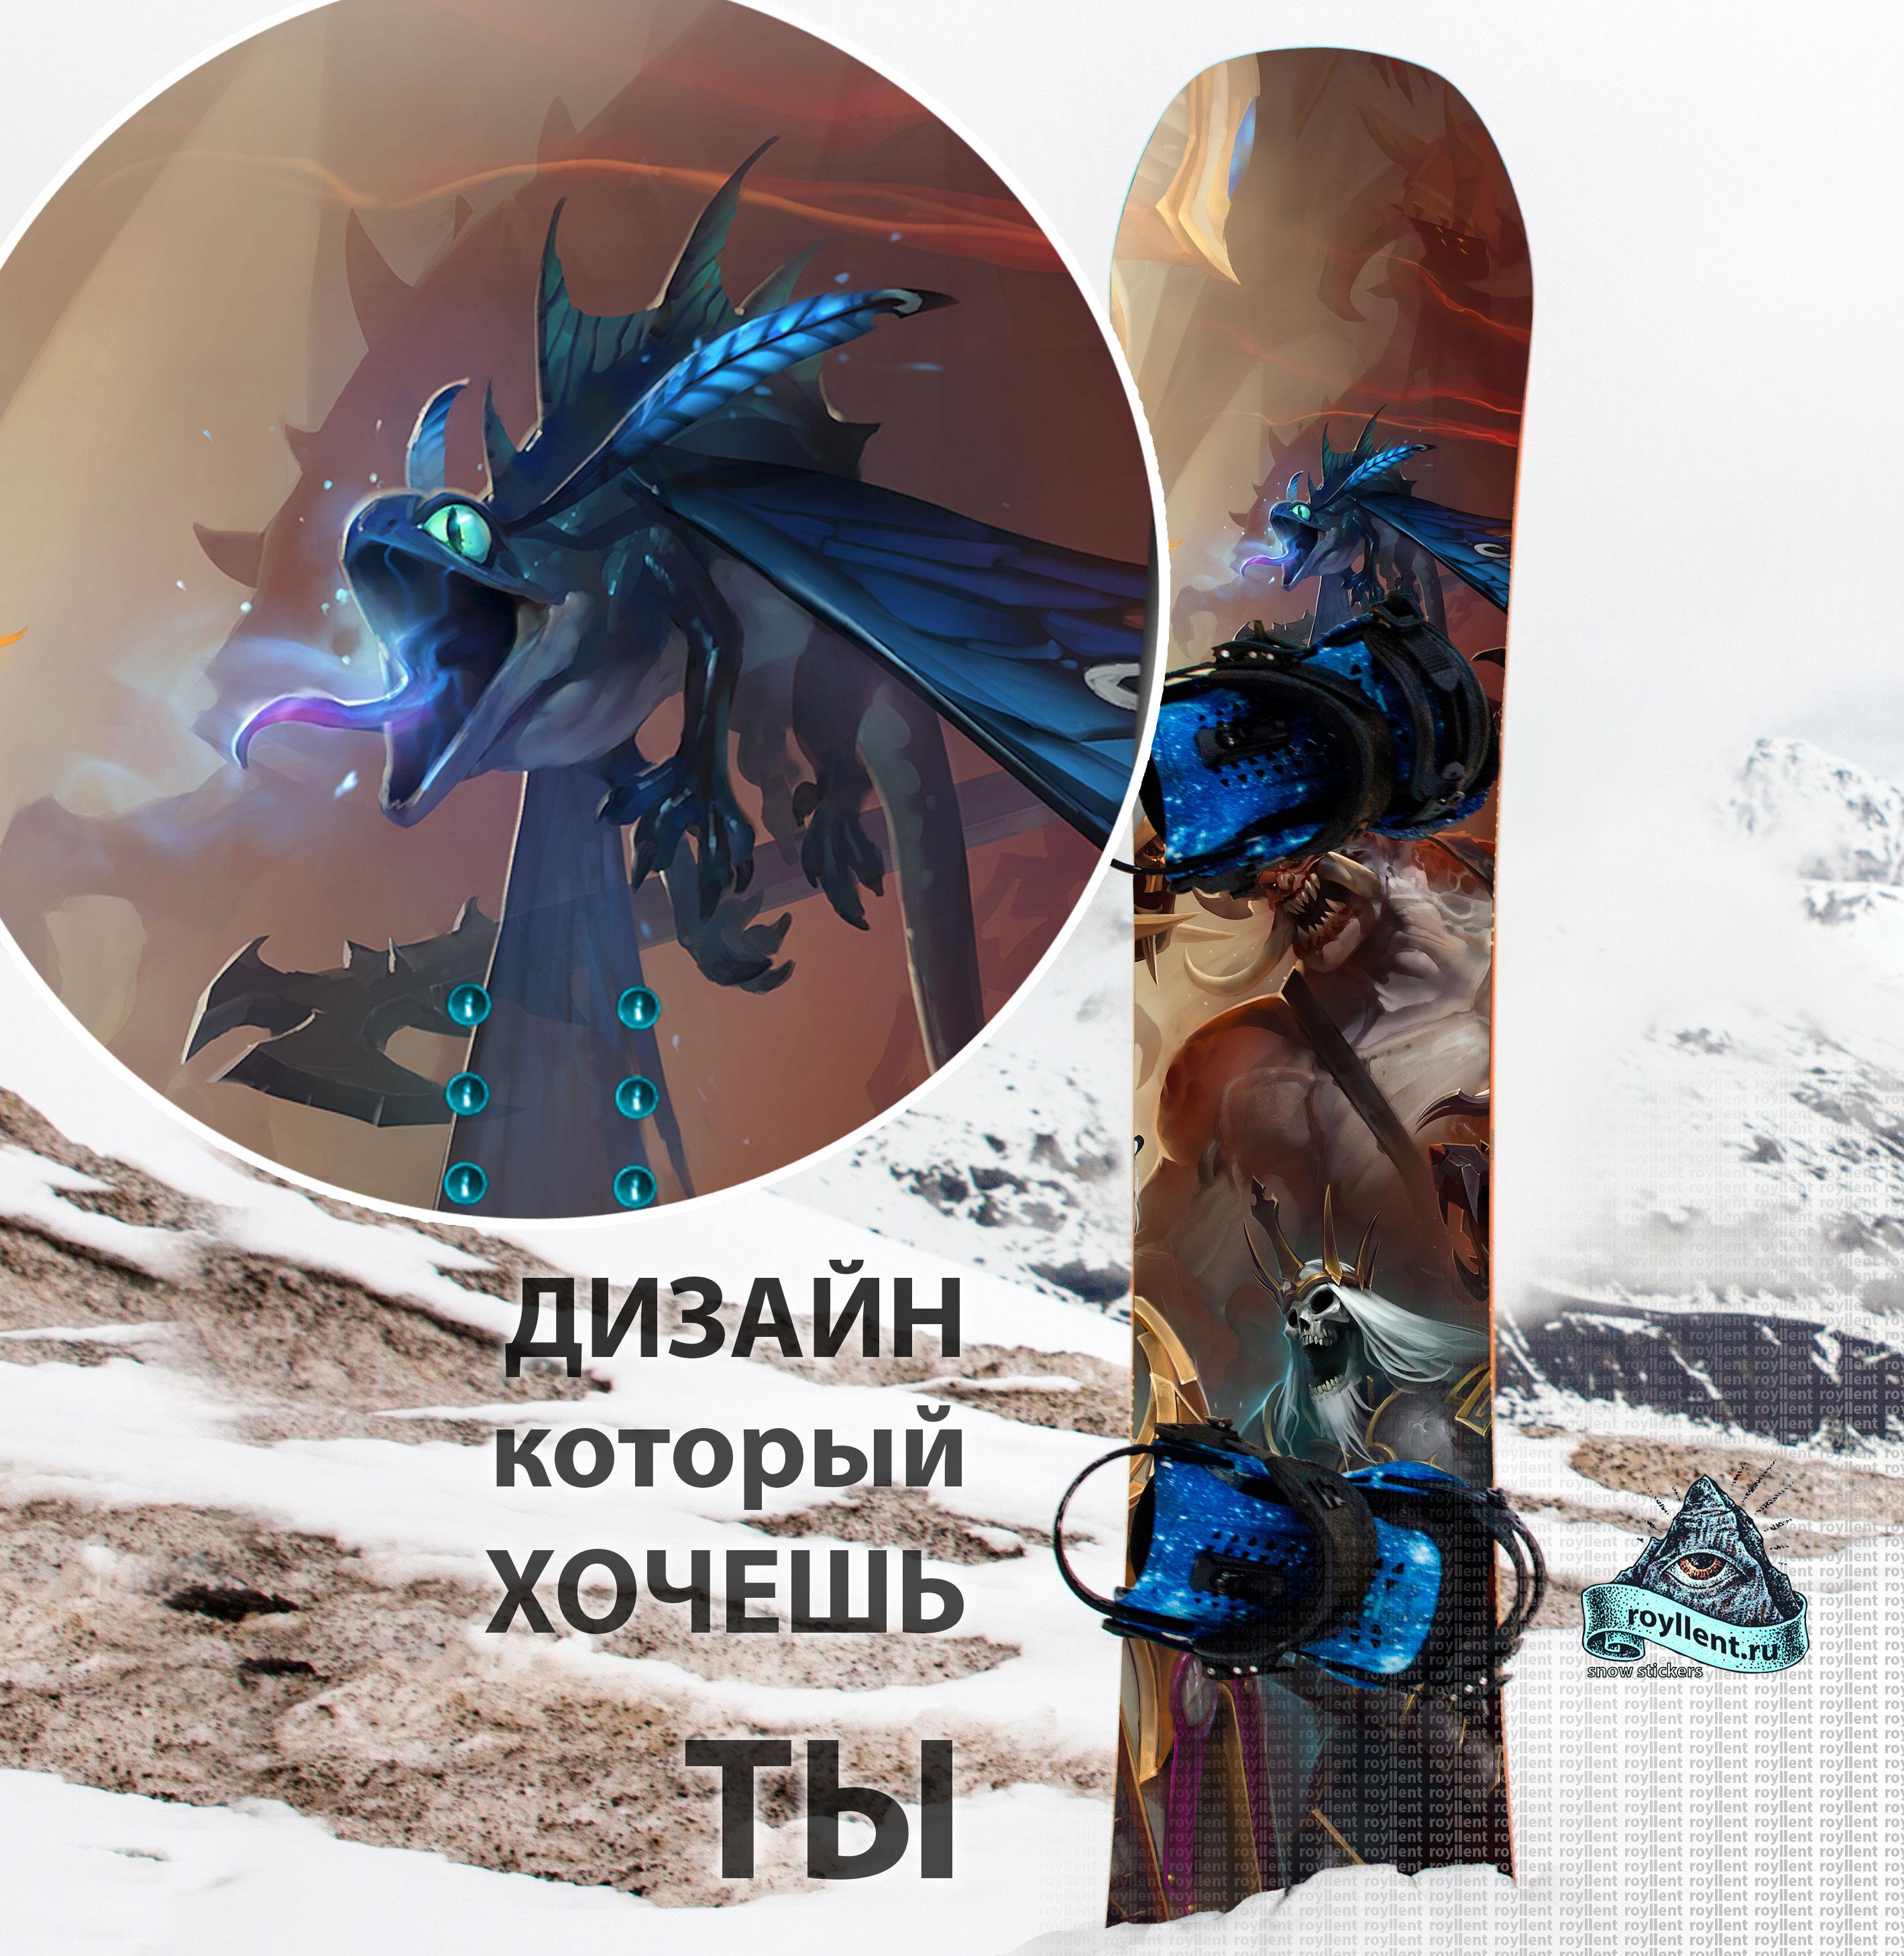 Наклейка на сноуборд стикер купить в интернет магазине недорого с доставкой Heroes of the Storm от Blizzard